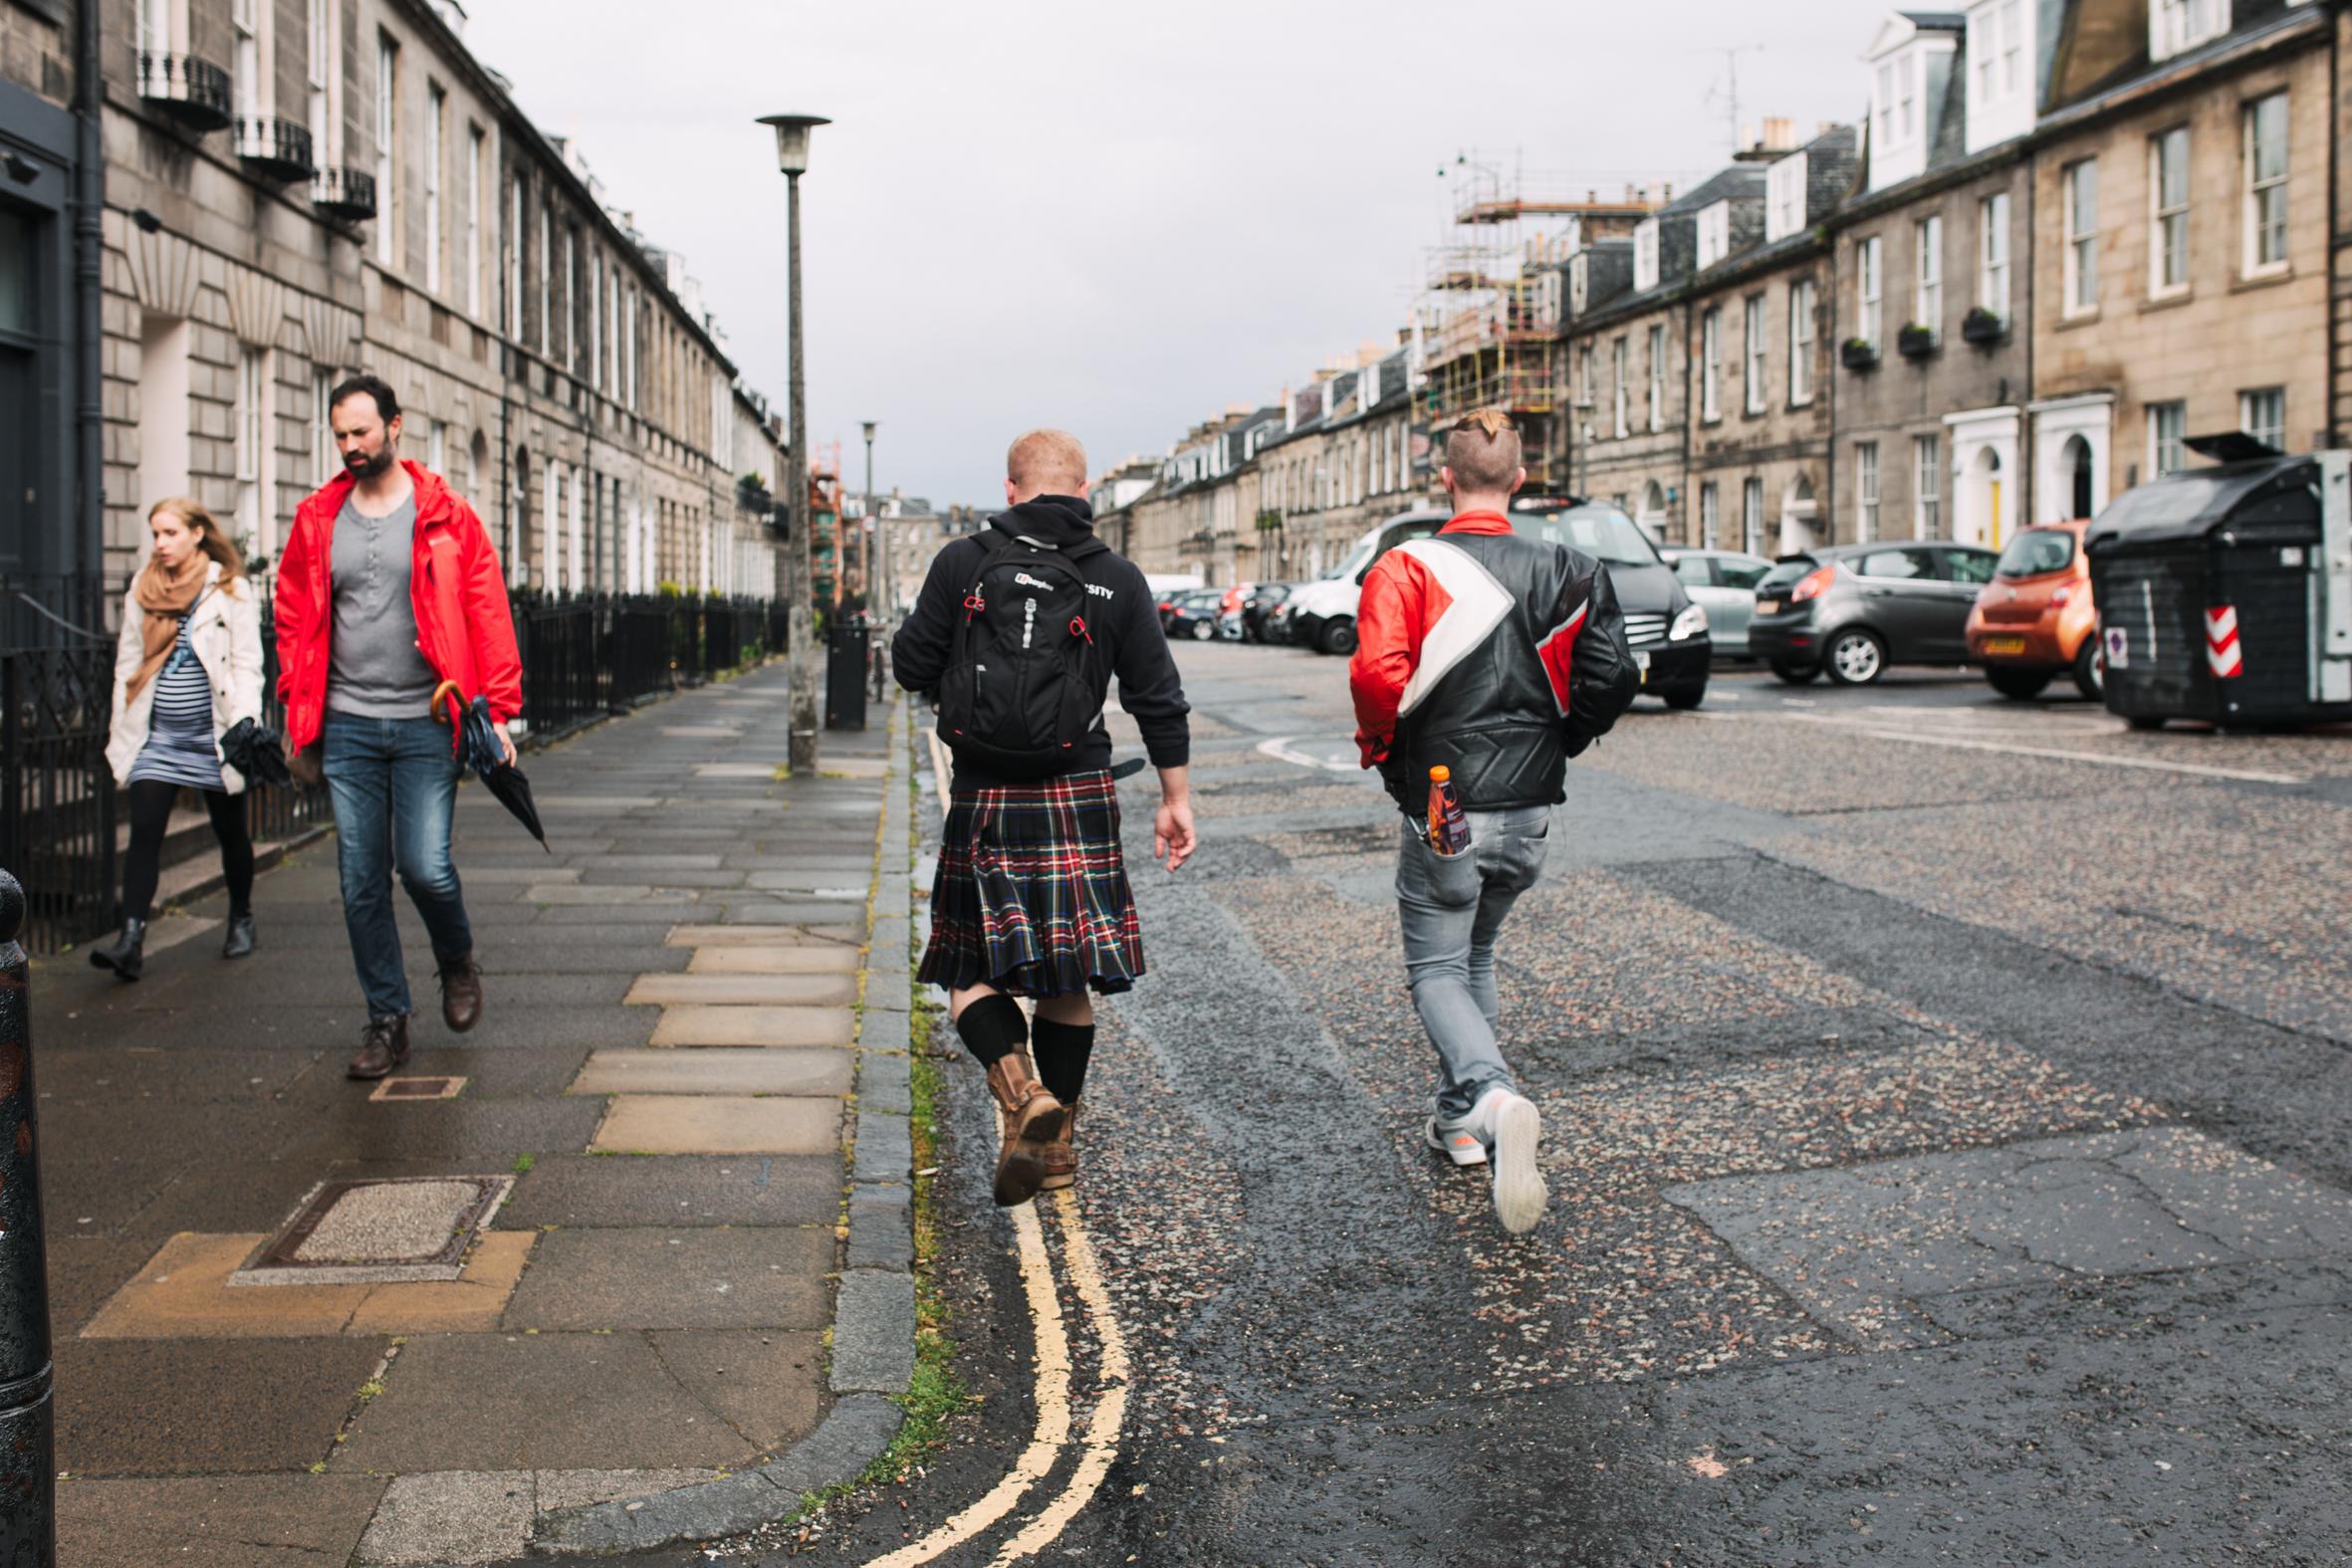 A Scotsman in Edinburgh